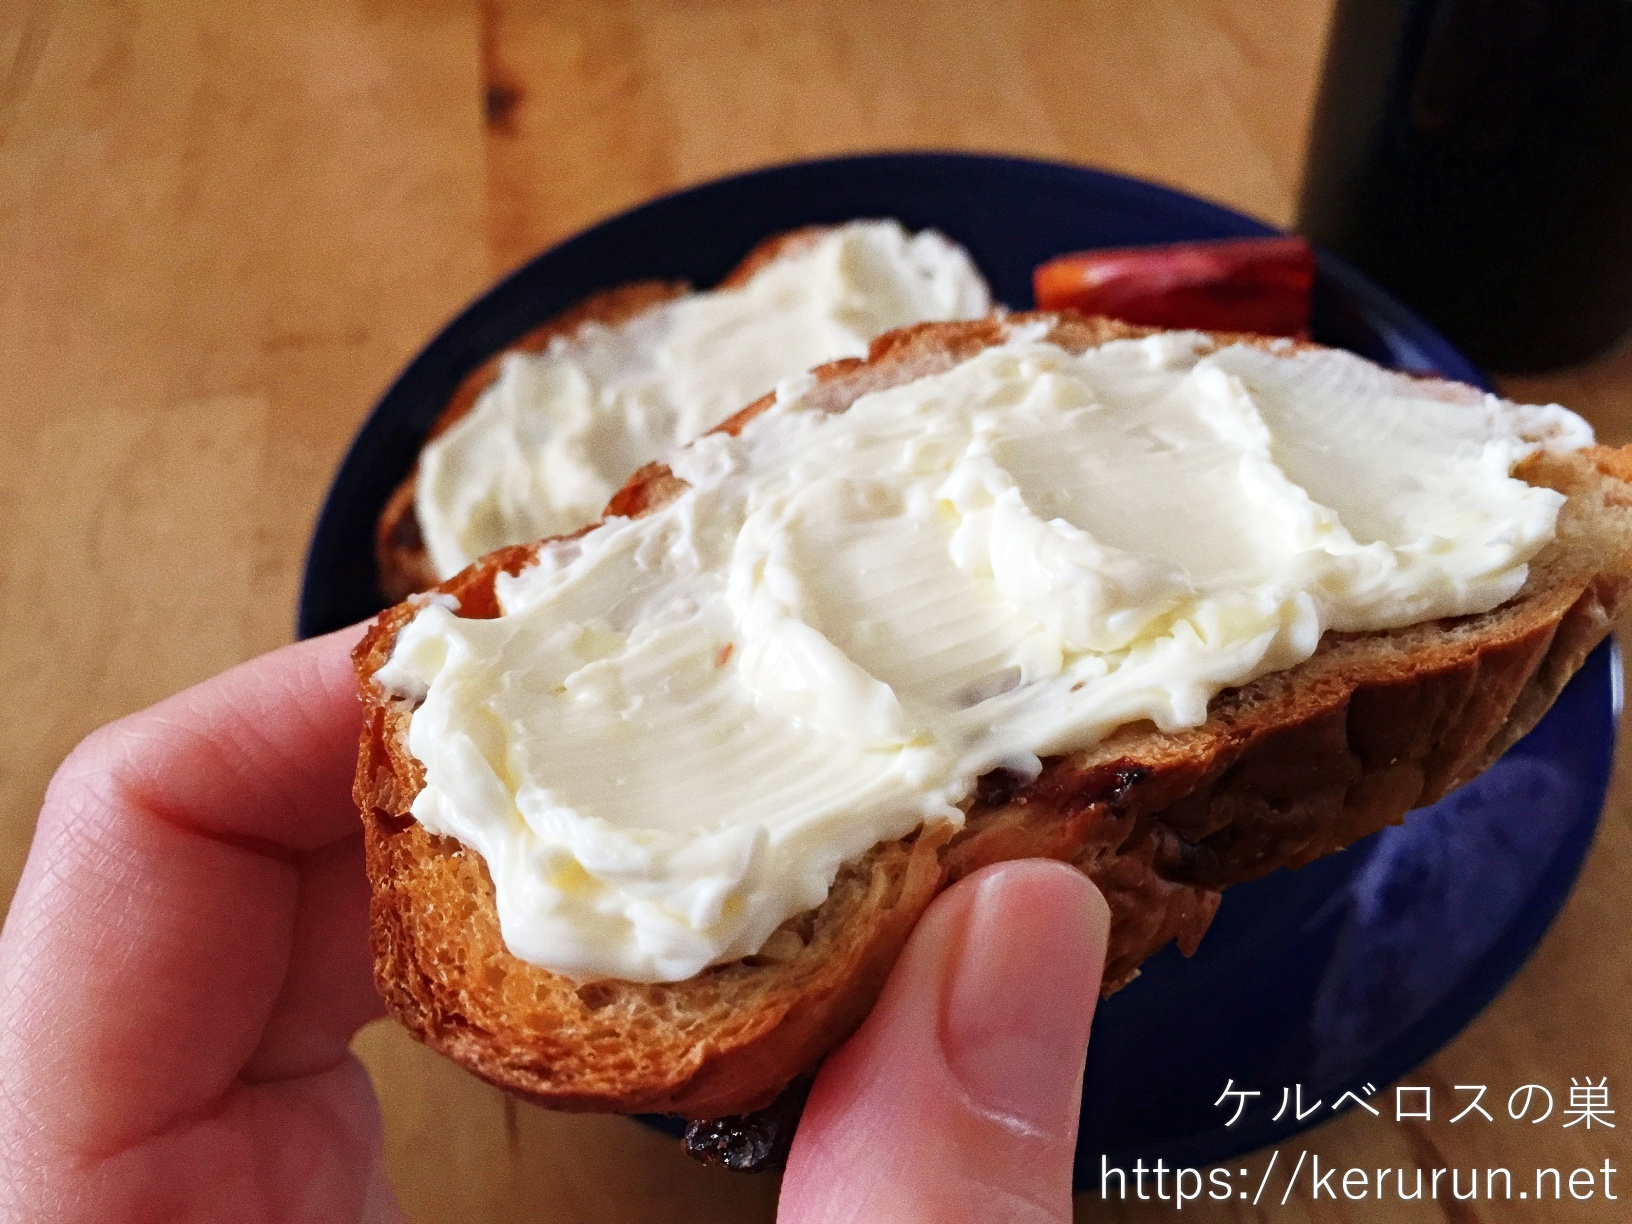 コストコのウォールナッツレーズンブレッドとクリームチーズ